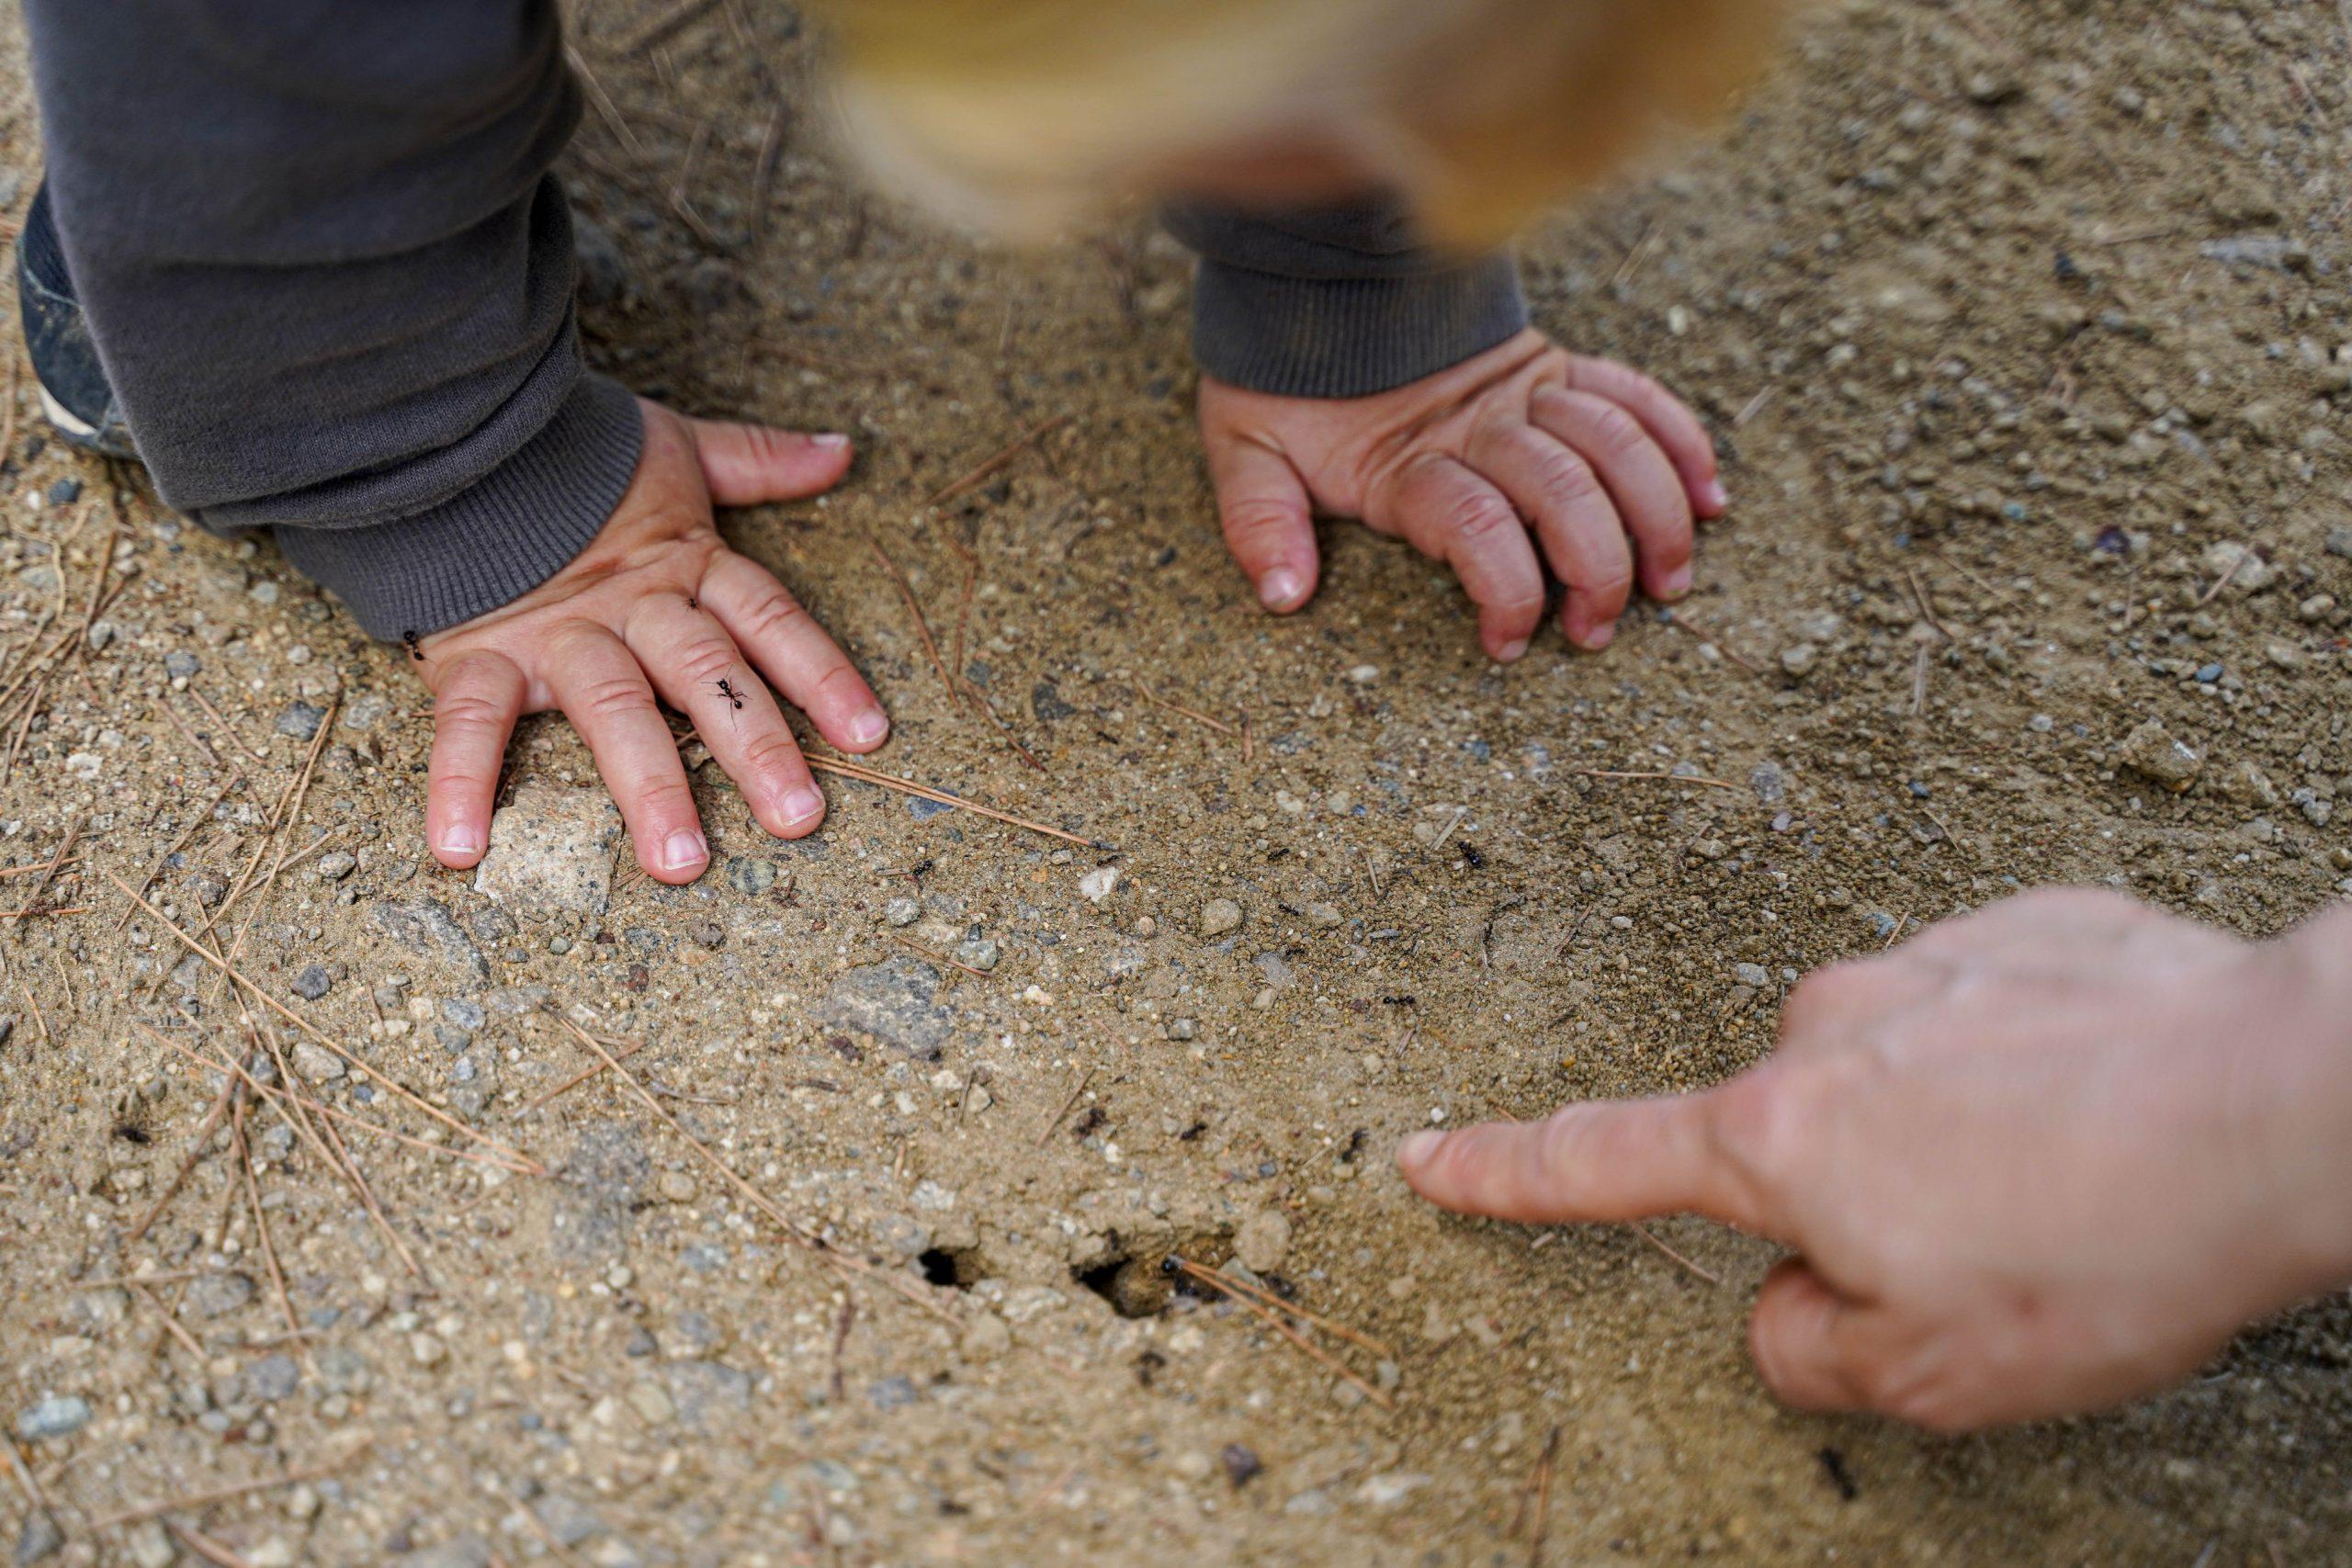 Une mère montre des fourmis à son jeune fils.